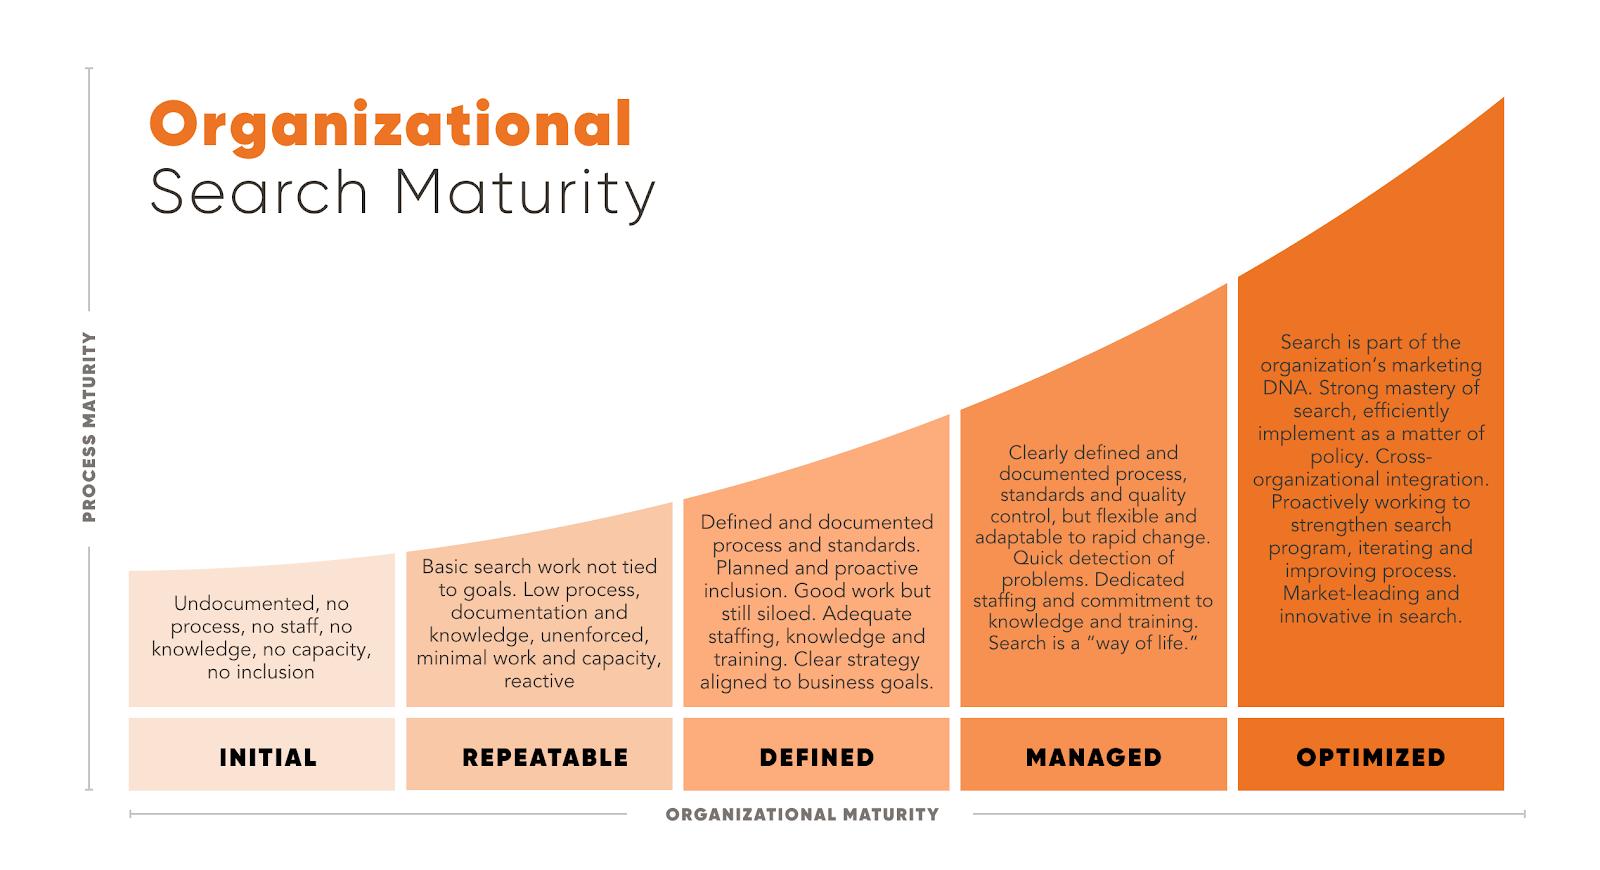 Organizational search maturity image